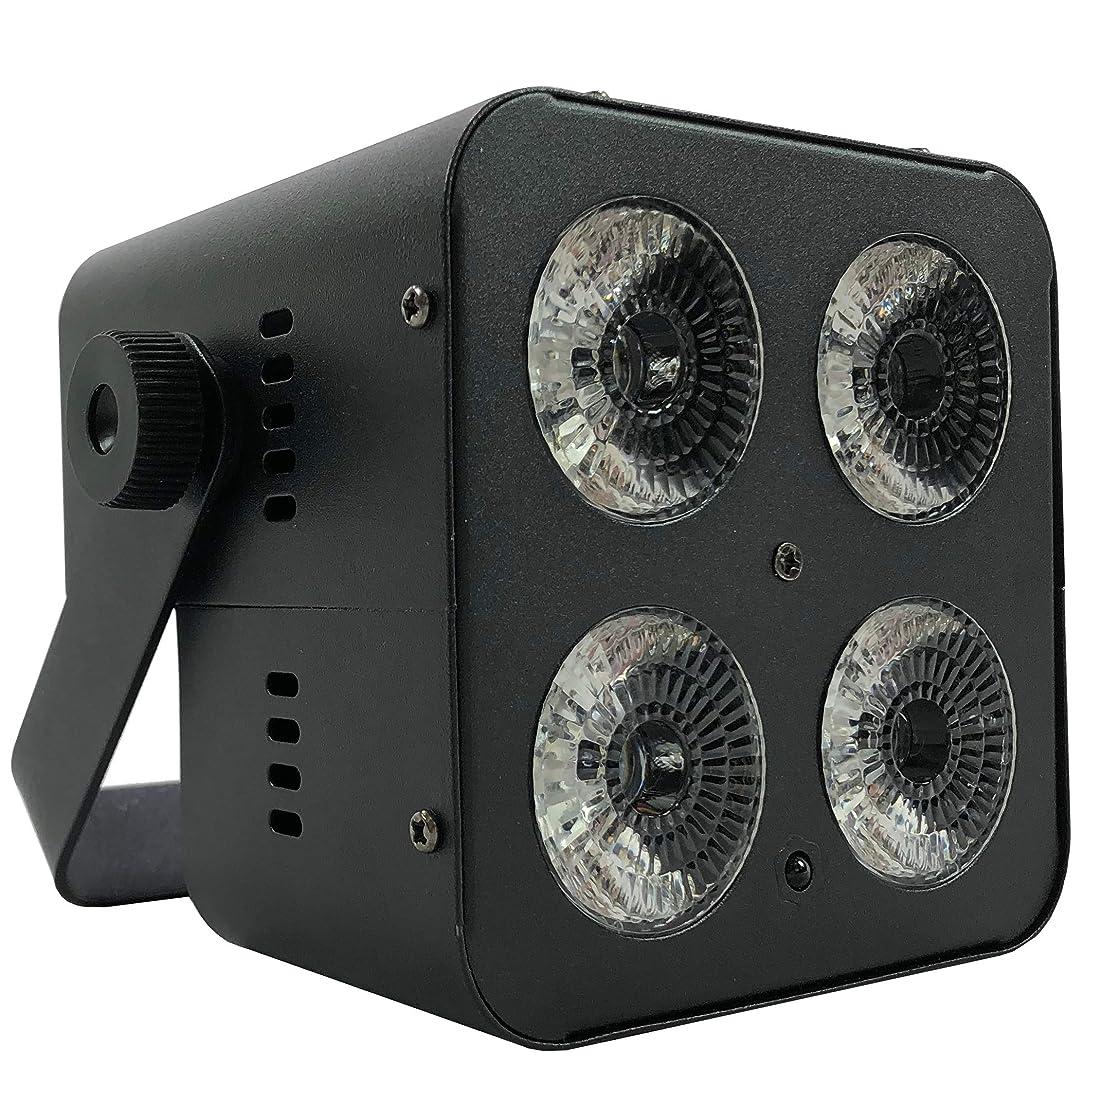 発行野生プレゼンテーションJEUME ステージライト PARライト 4in1 RGBW 10W×4灯 LEDモデル 日本語操作パネル JL-PAR44S